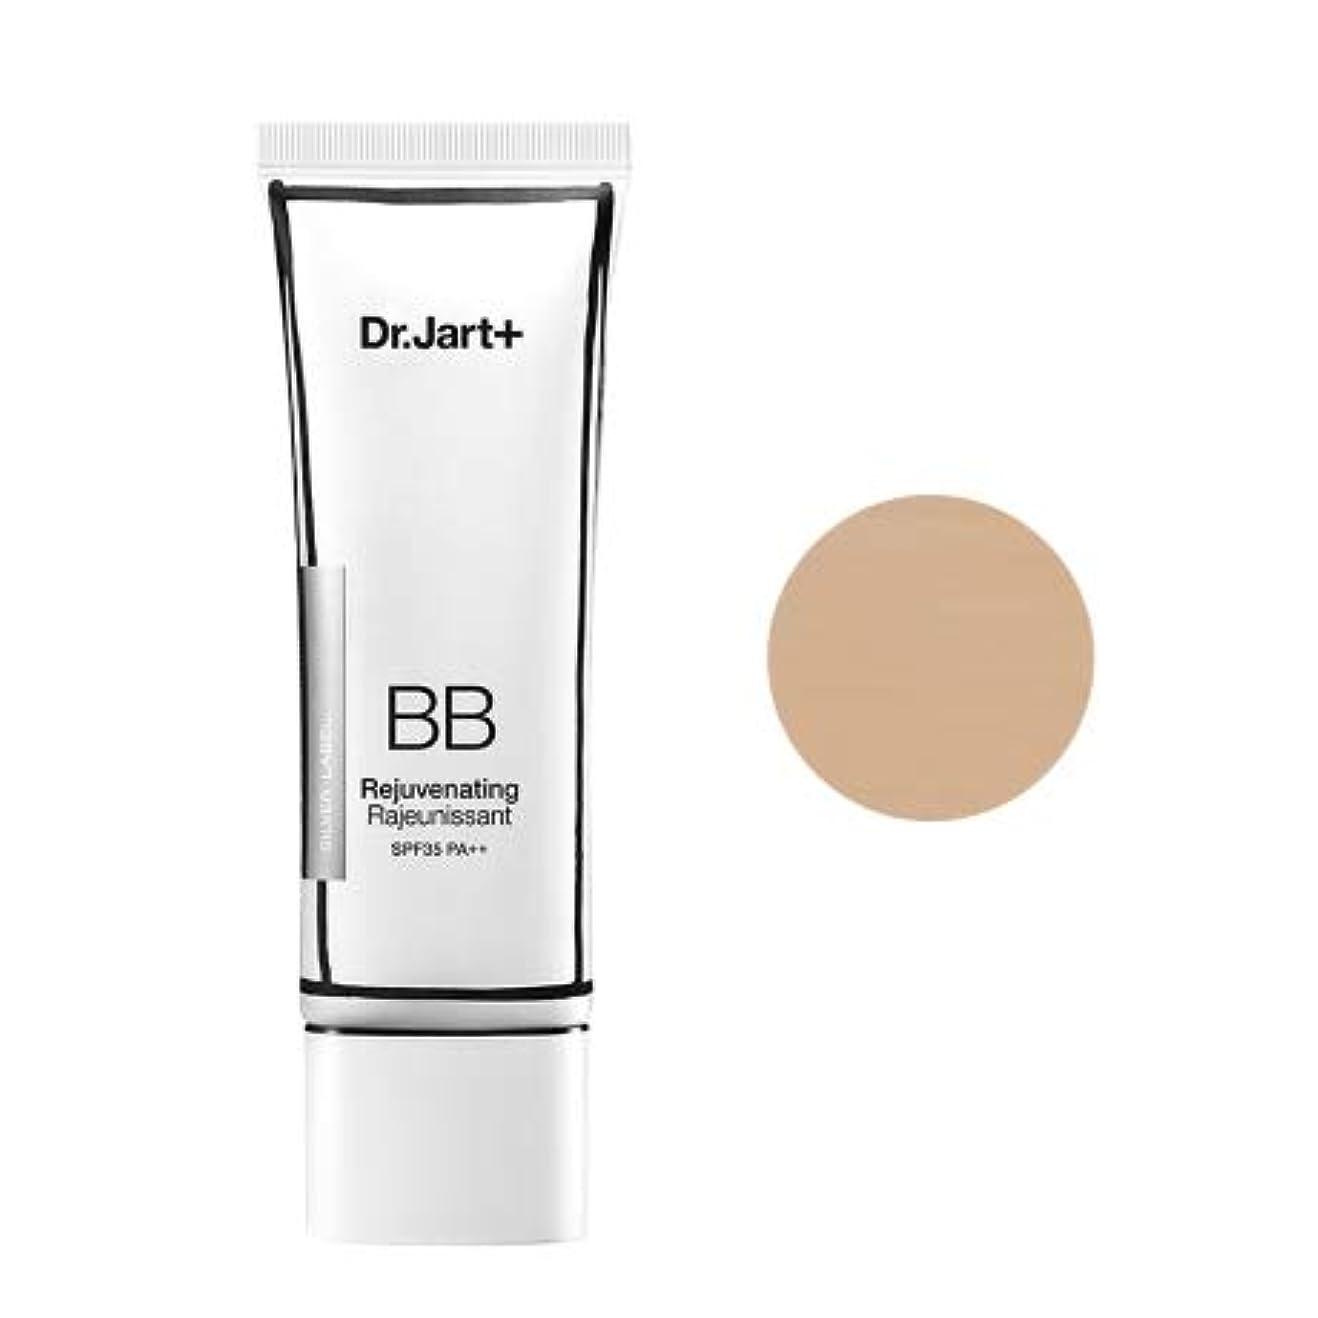 ポルトガル語博物館ヒューズ[Upgrade] Dr.Jart+Dermakeup Rejuvenating Beauty Balm SPF35 PA++ 50ml /ドクタージャルトゥザメーキャップリージュビネイティンビューティーバーム SPF35 PA++ 50ml [並行輸入品]